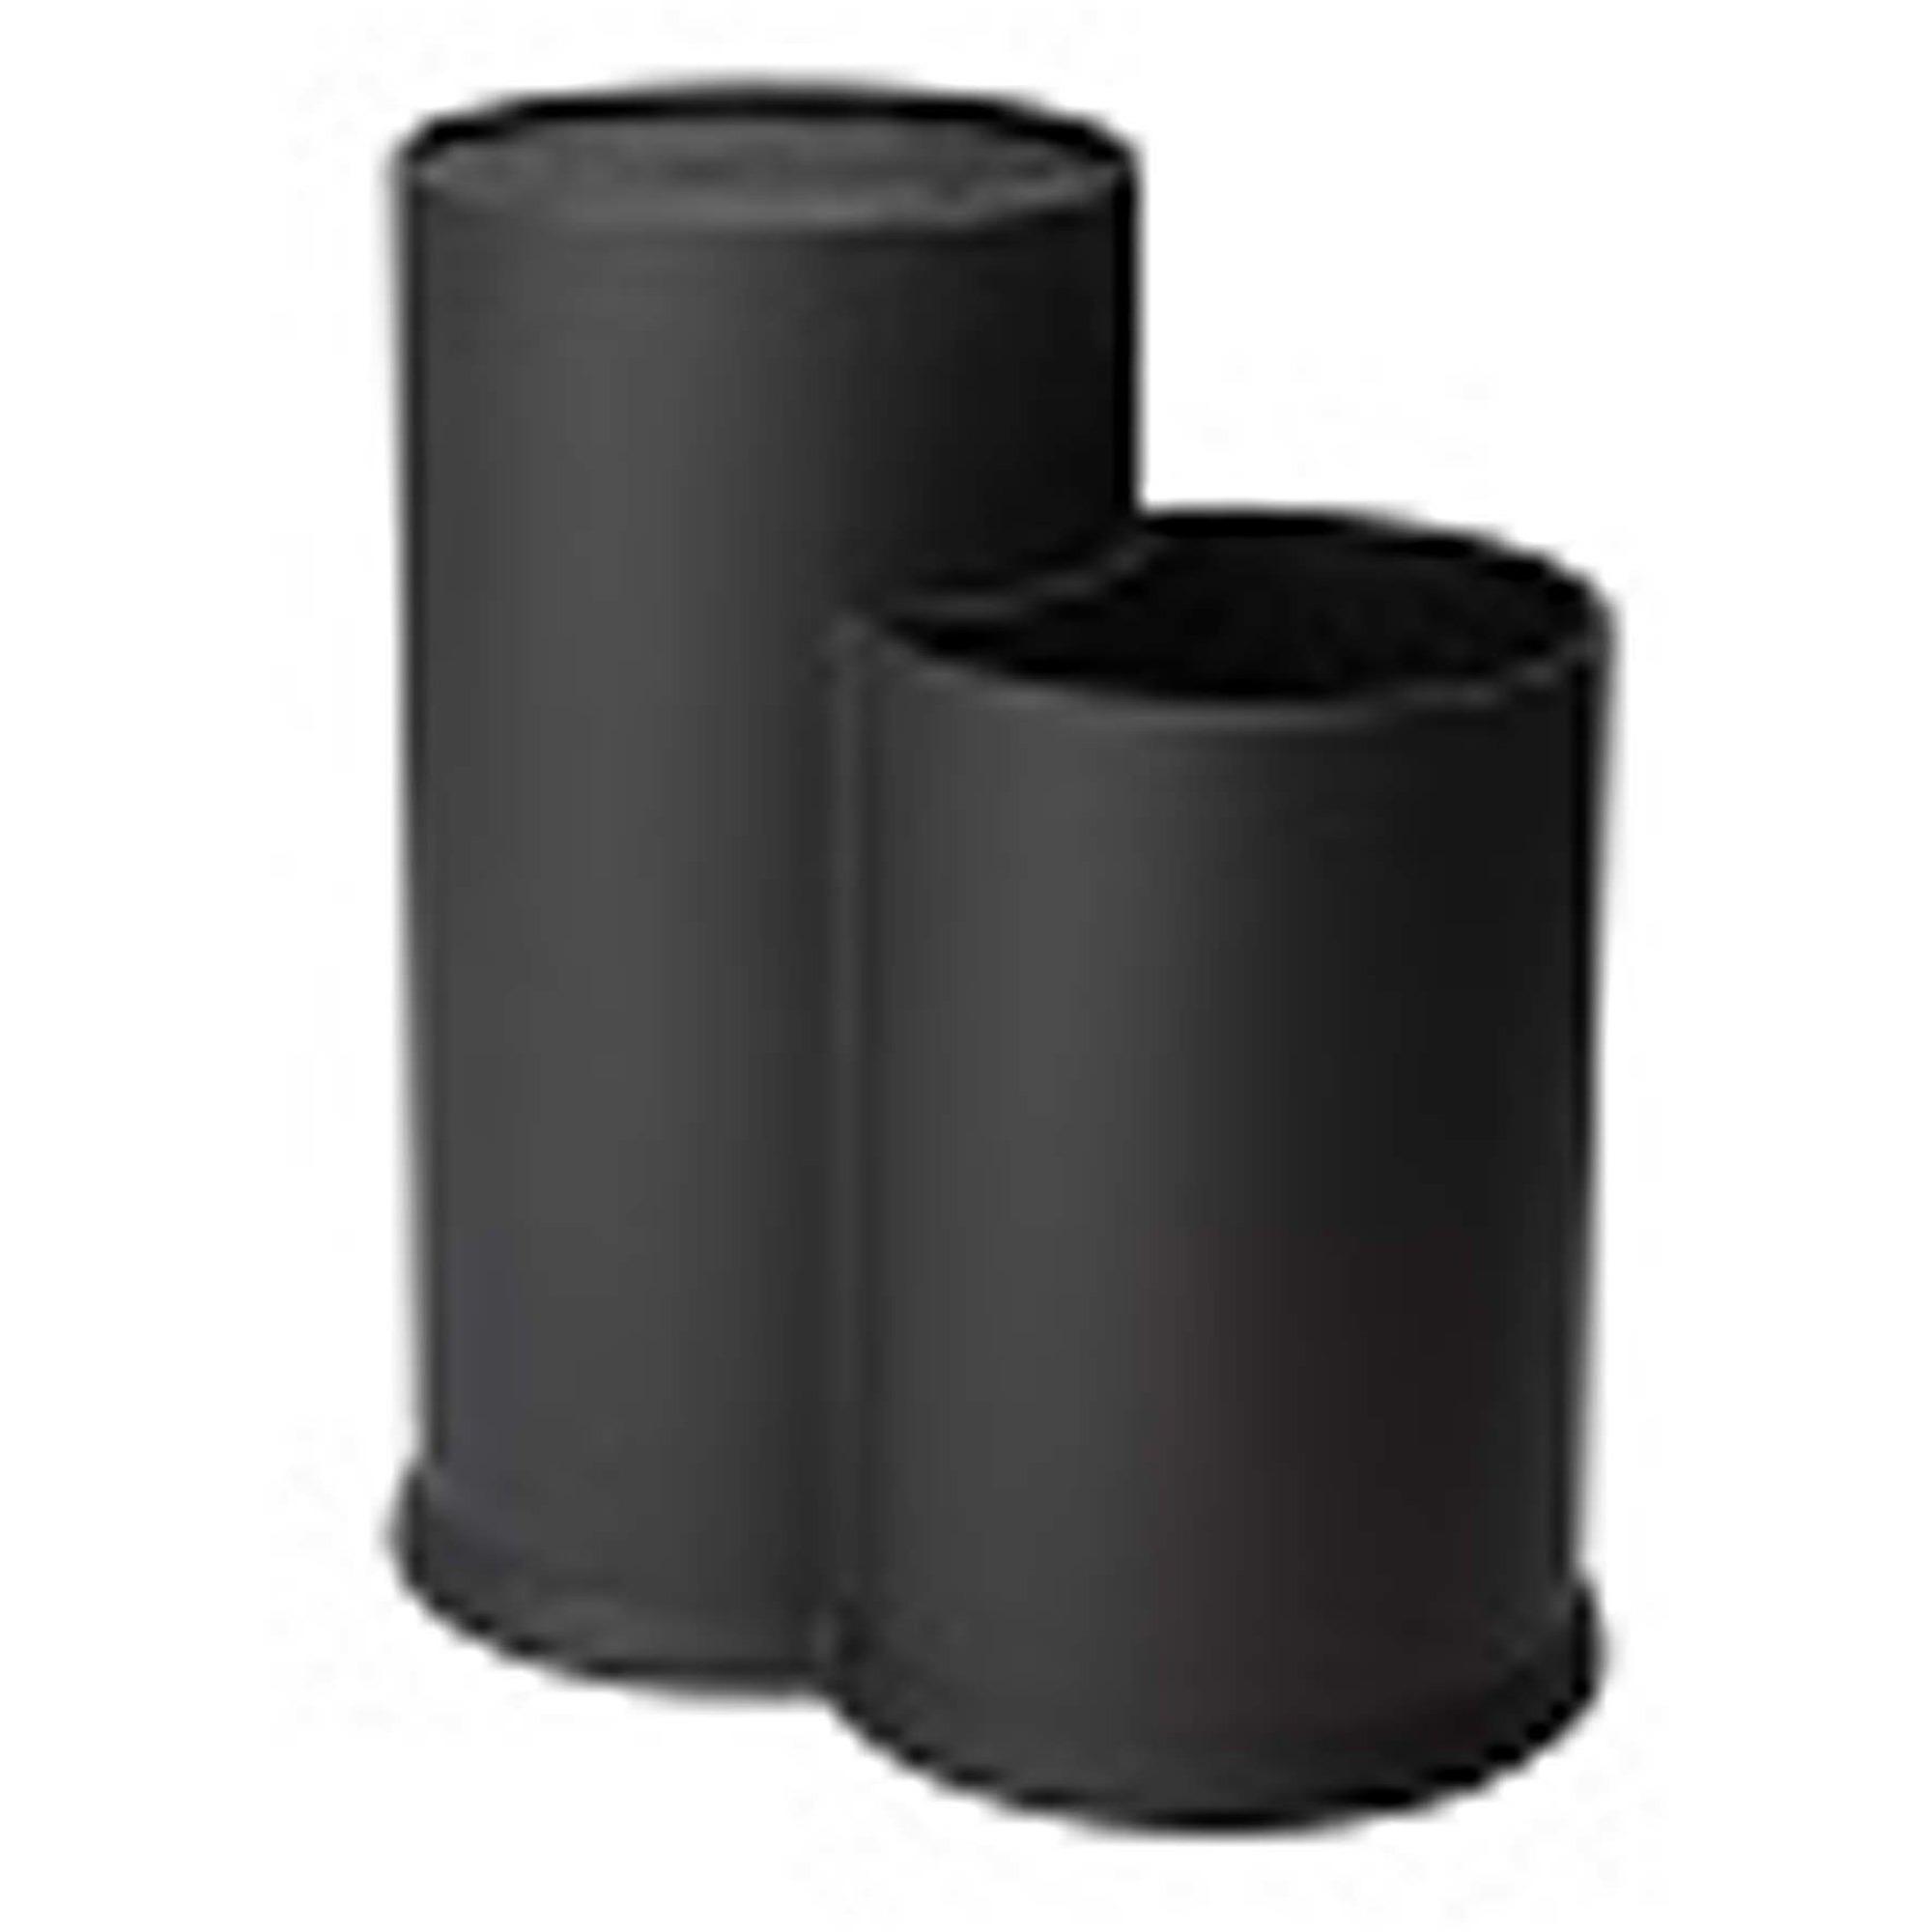 Dorre Vida Knivblock borst och redskapsställ svart höjd 22,5 cm